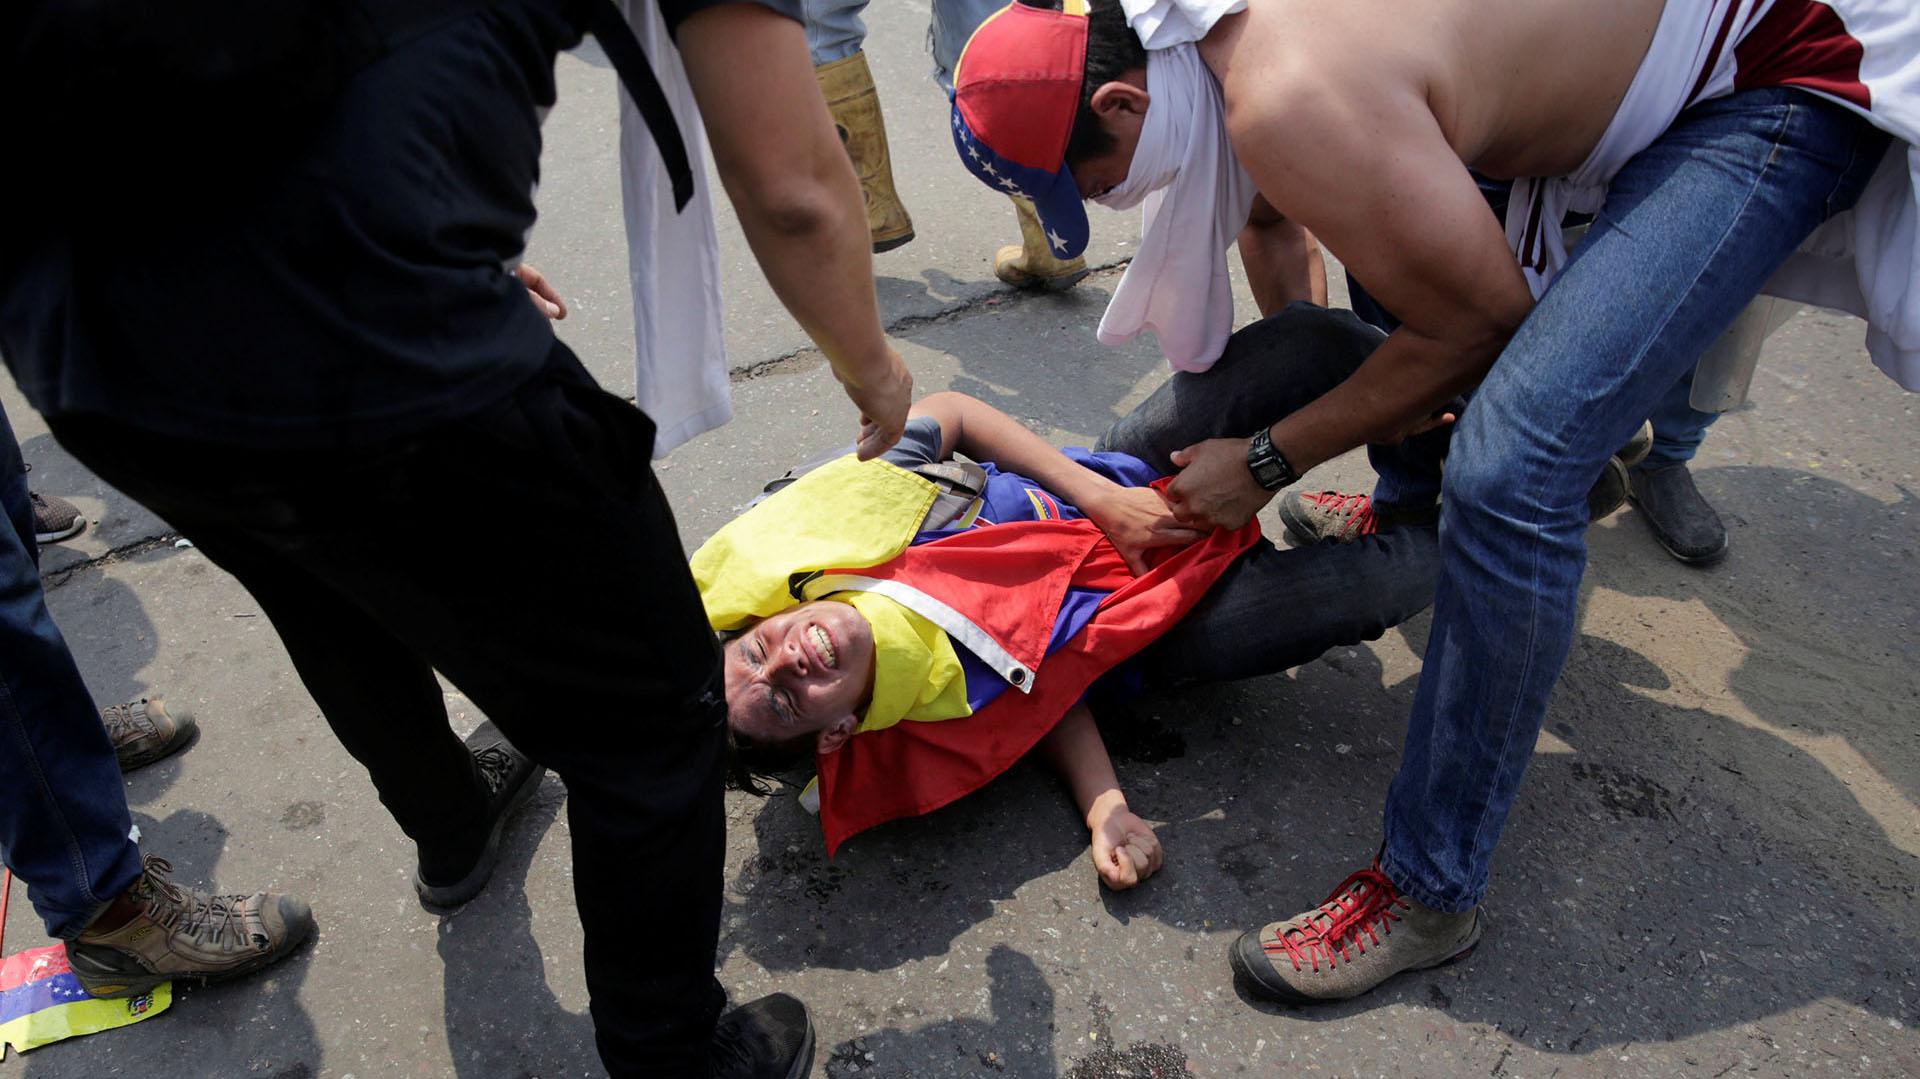 Un manifestante lesionado recibe ayuda de otros mientras se enfrenta a las fuerzas de seguridad de Venezuela en el puente Francisco de Paula Santander en la frontera entre Colombia y Venezuela, visto desde Cúcuta, Colombia (reuters)